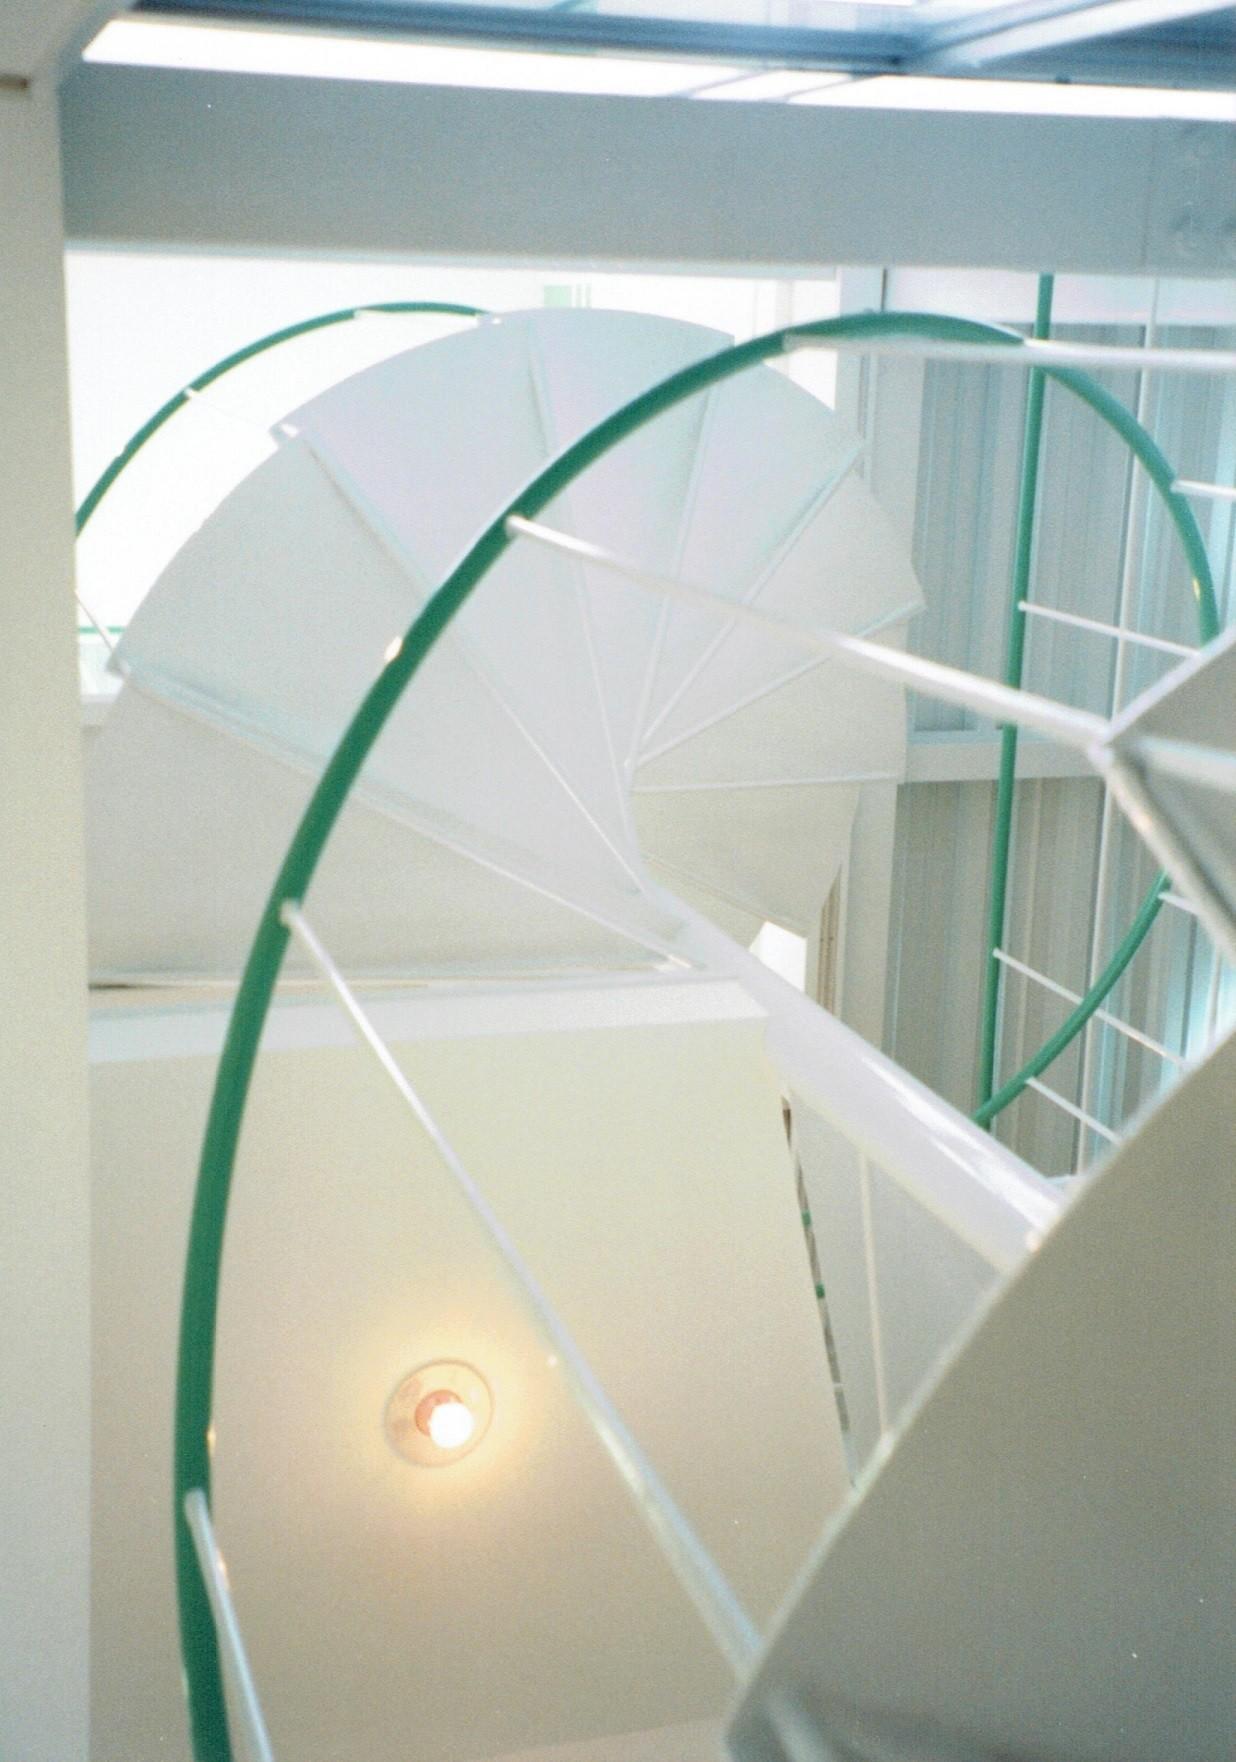 その他事例:空間の広がりを工夫した、らせん階段を見上げる(ポップなカラーが映える鉄骨構造の狭小住宅(Kid`s House))